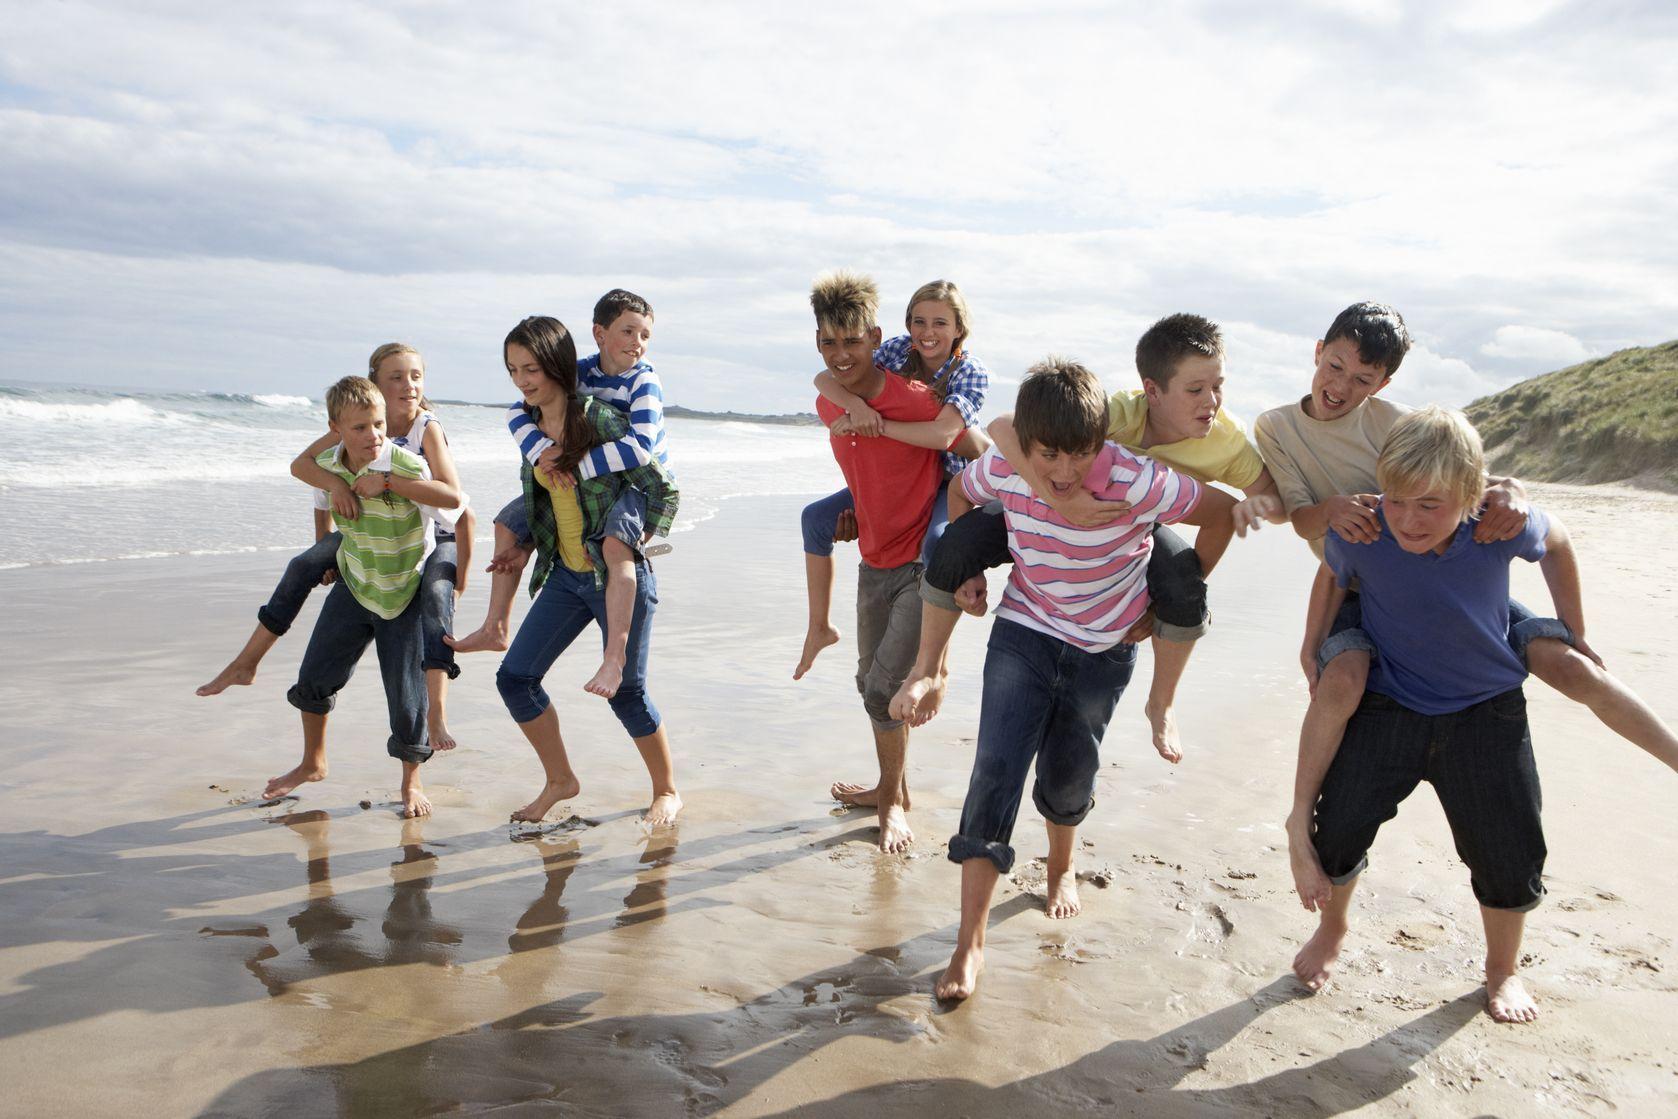 Séjours linguistiques anglais ado : S'immerger dans une culture et un pays